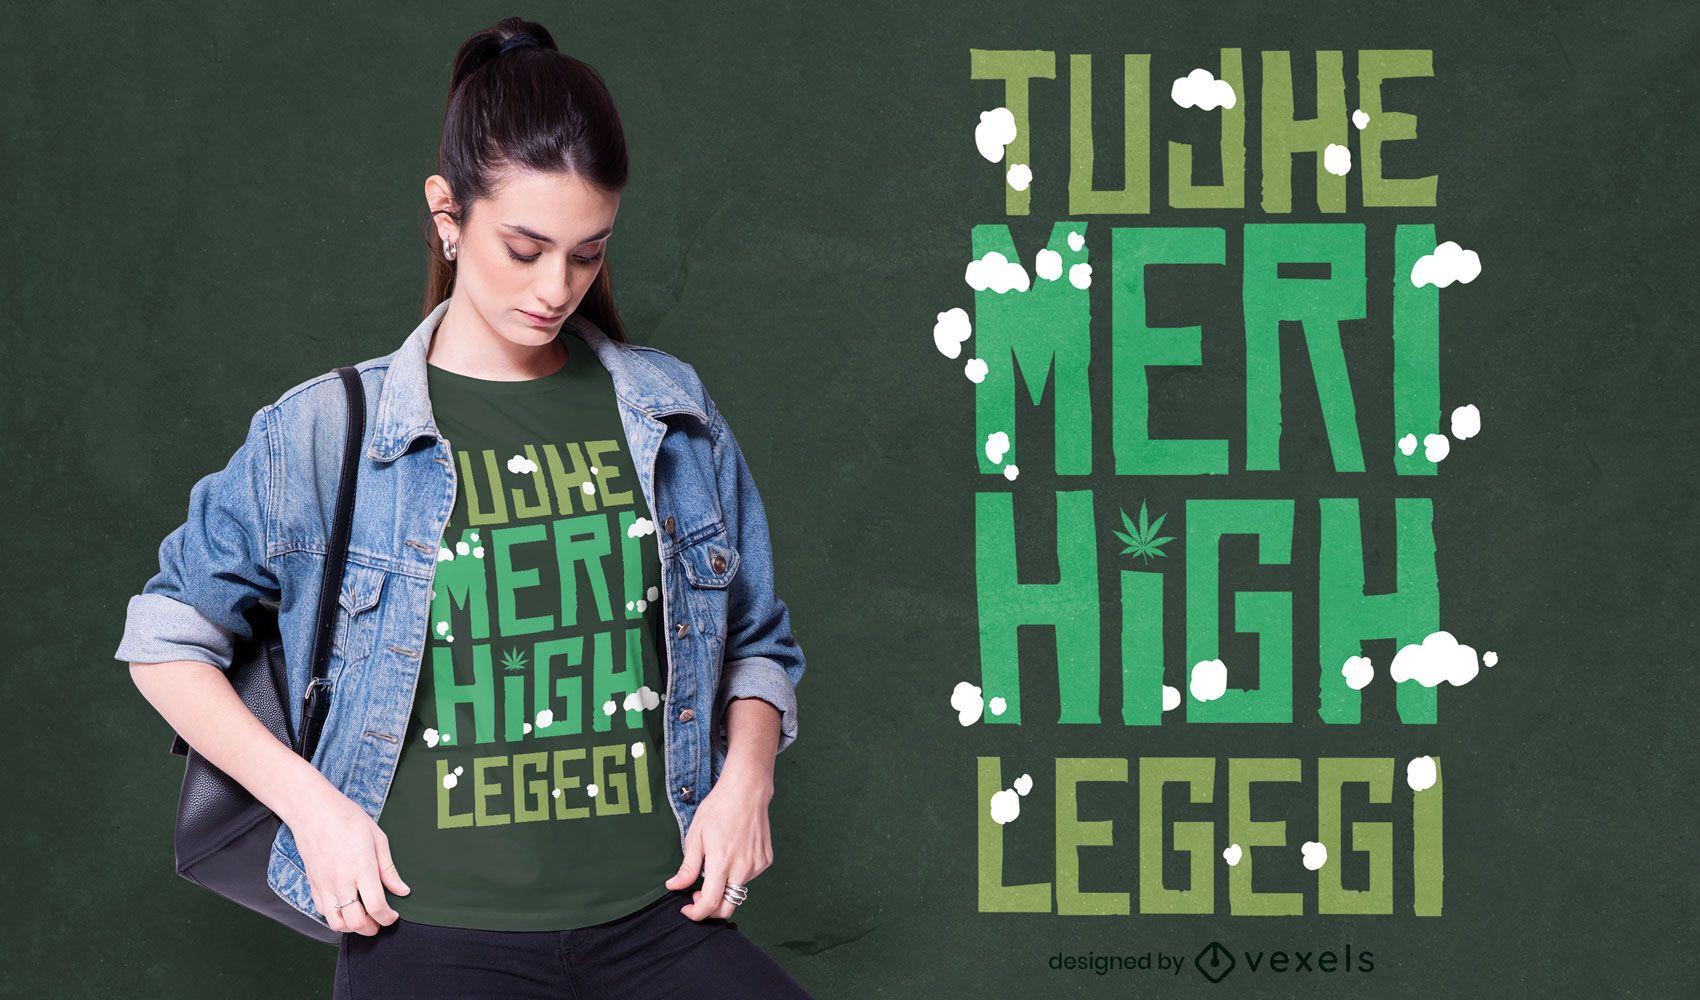 Diseño de camiseta con letras altas